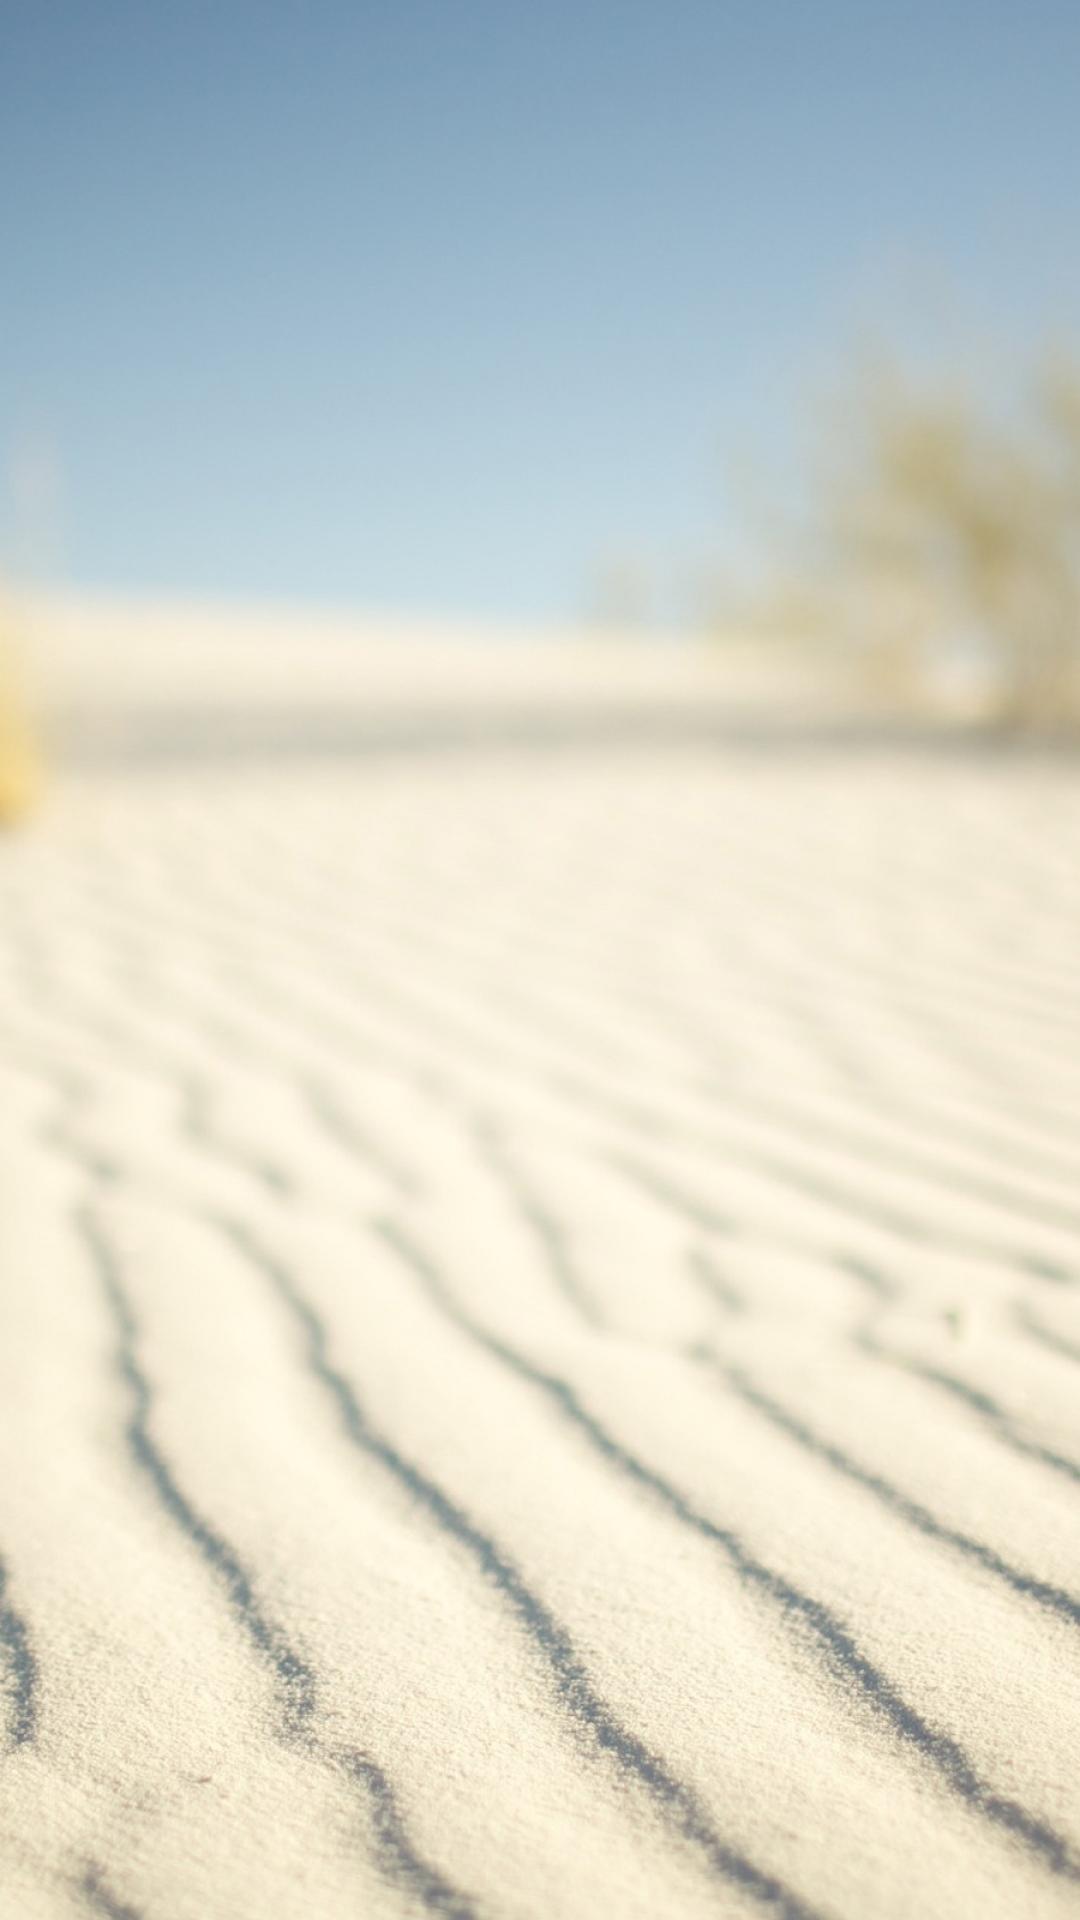 iphone wallpaper desert sand lines makro Desert